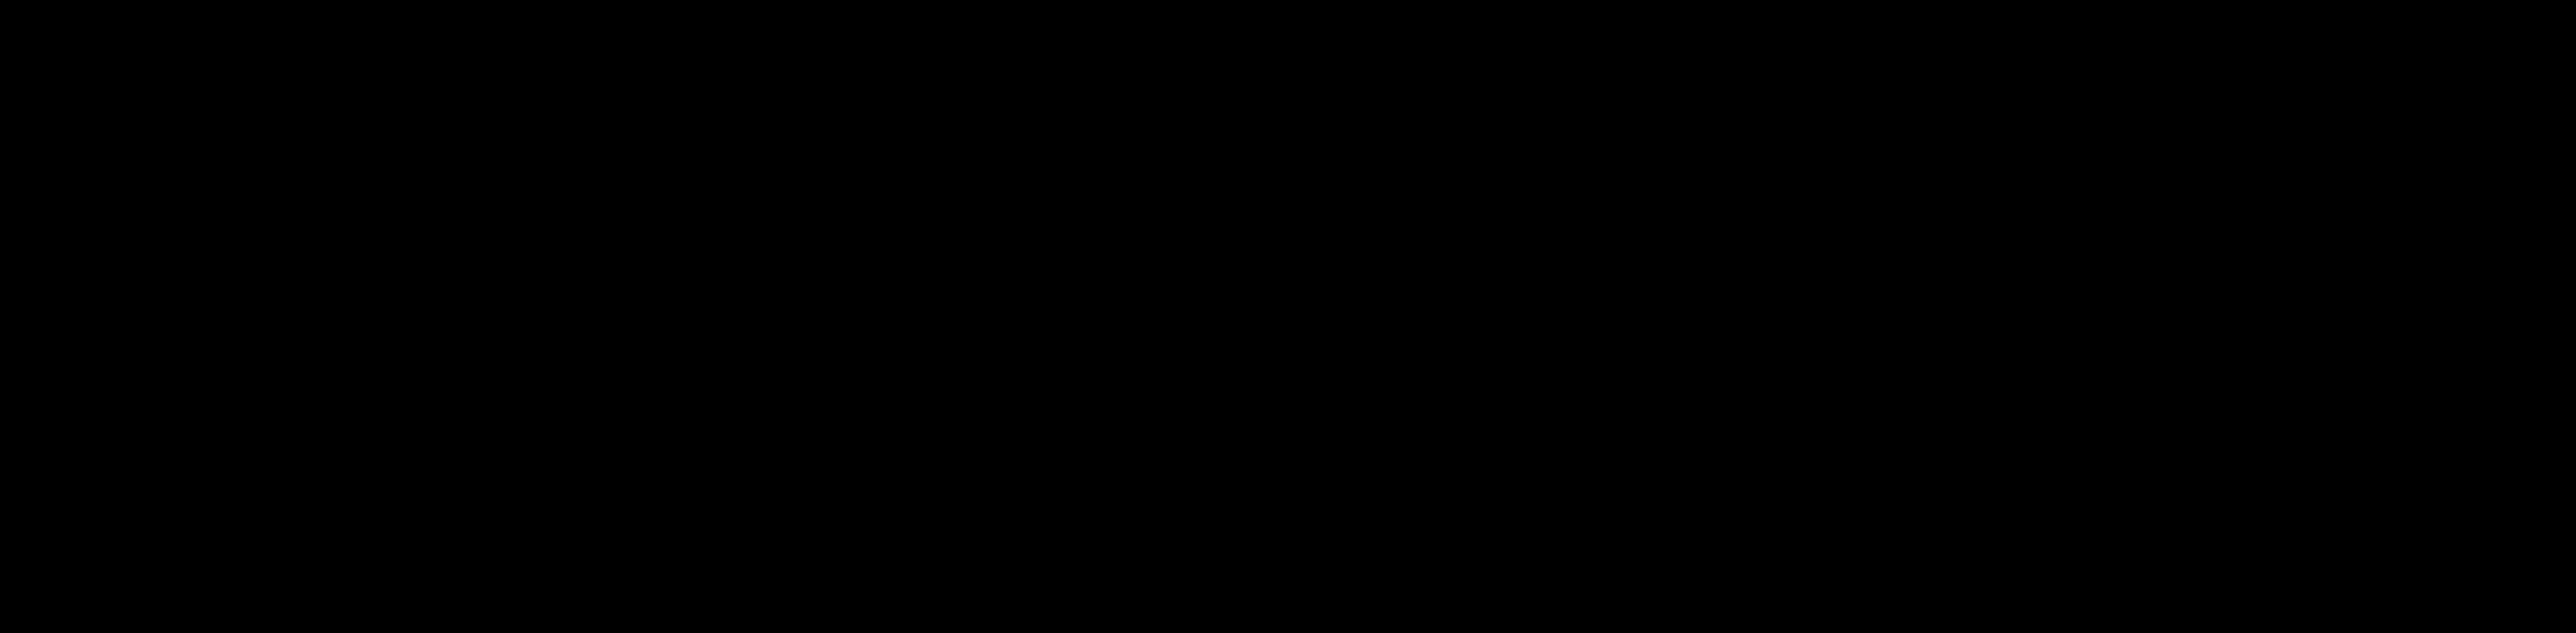 cropped-FU_OUTLINESINGOLO_BLACK-ORIZZONTALE-solo-SCRITTA-2